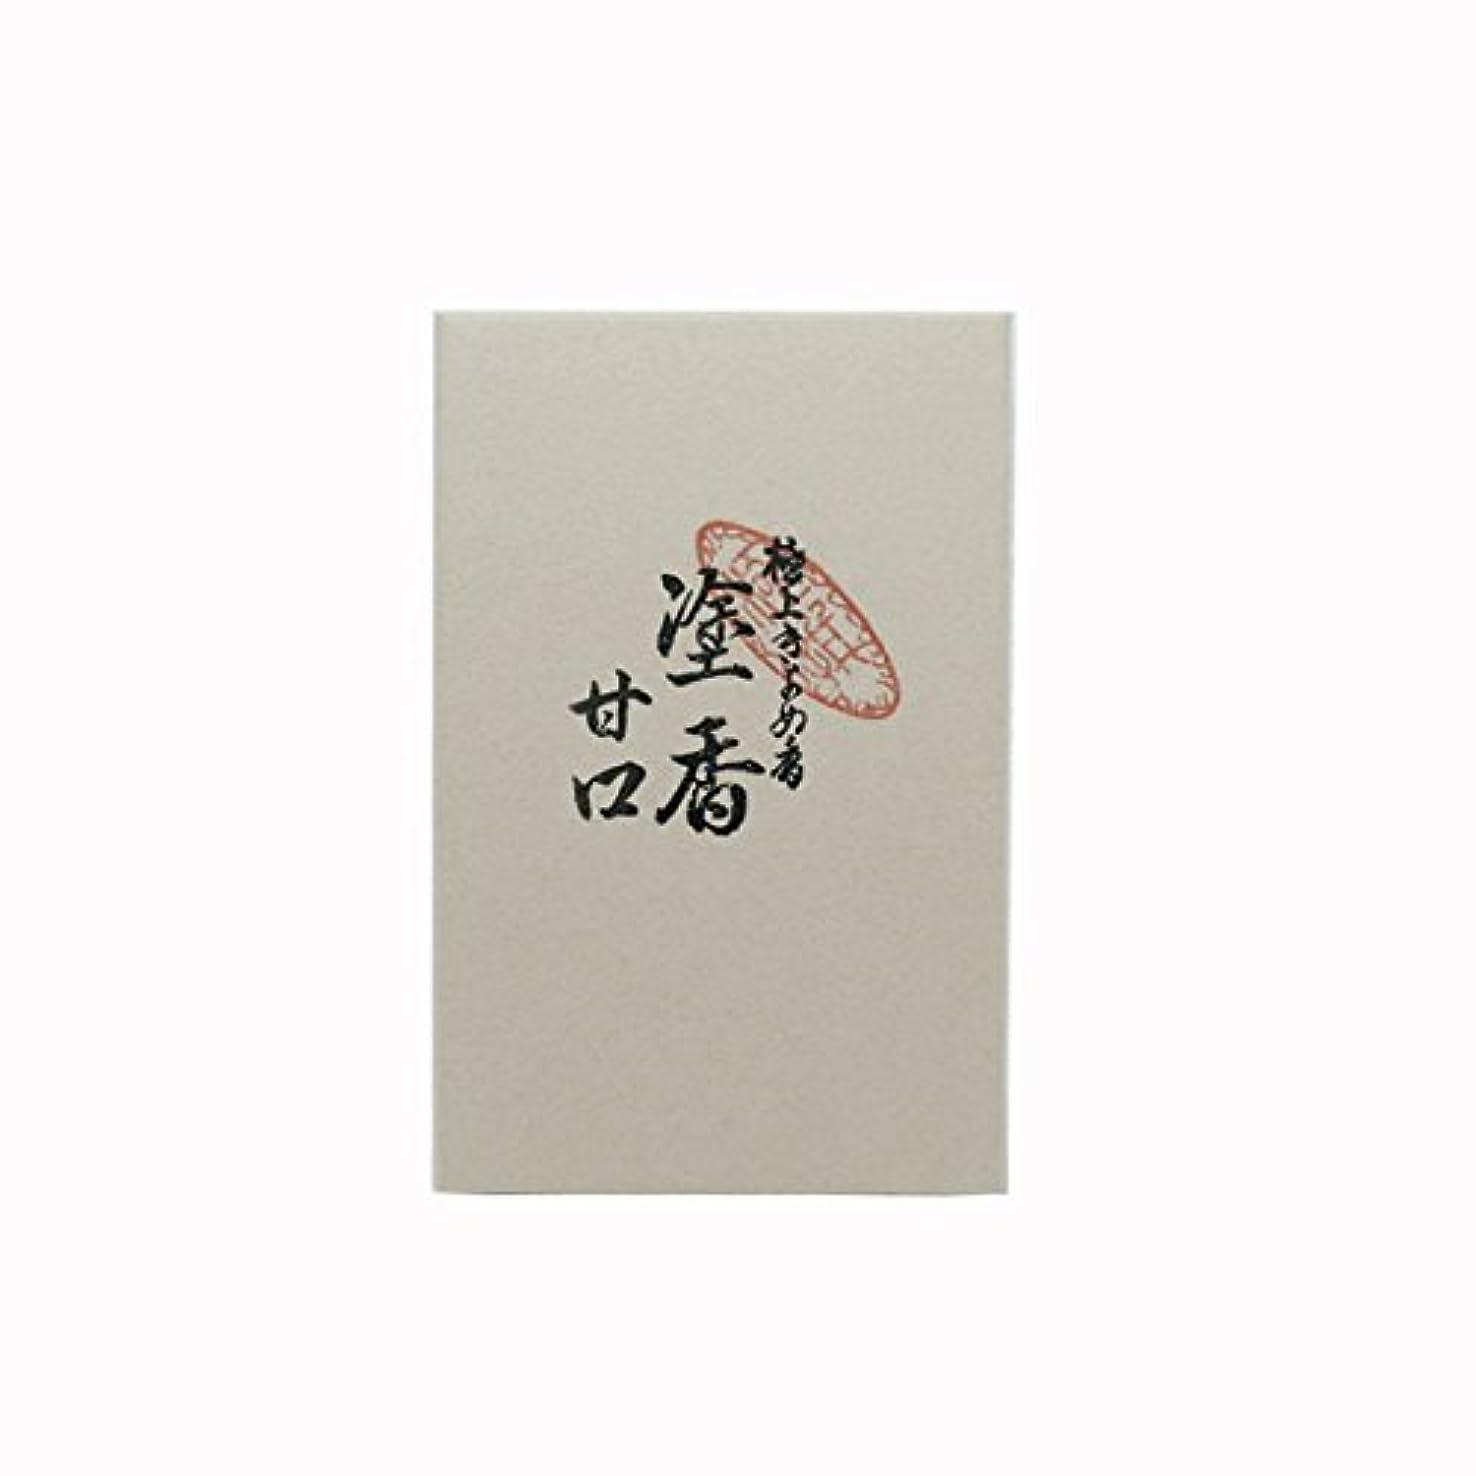 バランスインターネット弾力性のある塗香(甘口) 12g入